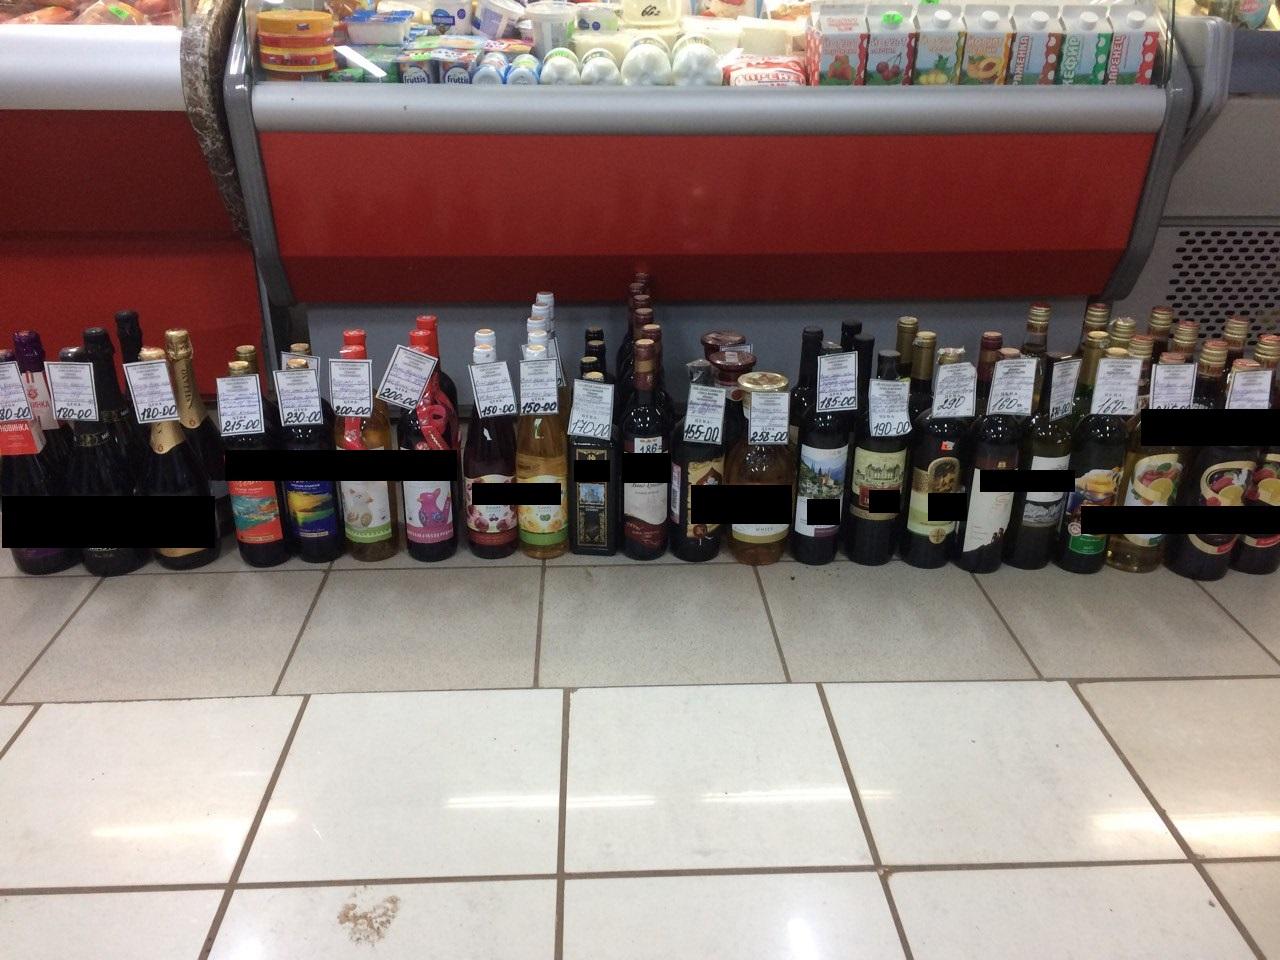 ВОренбурге изъяли 740 литров алкоголя без акцизных марок